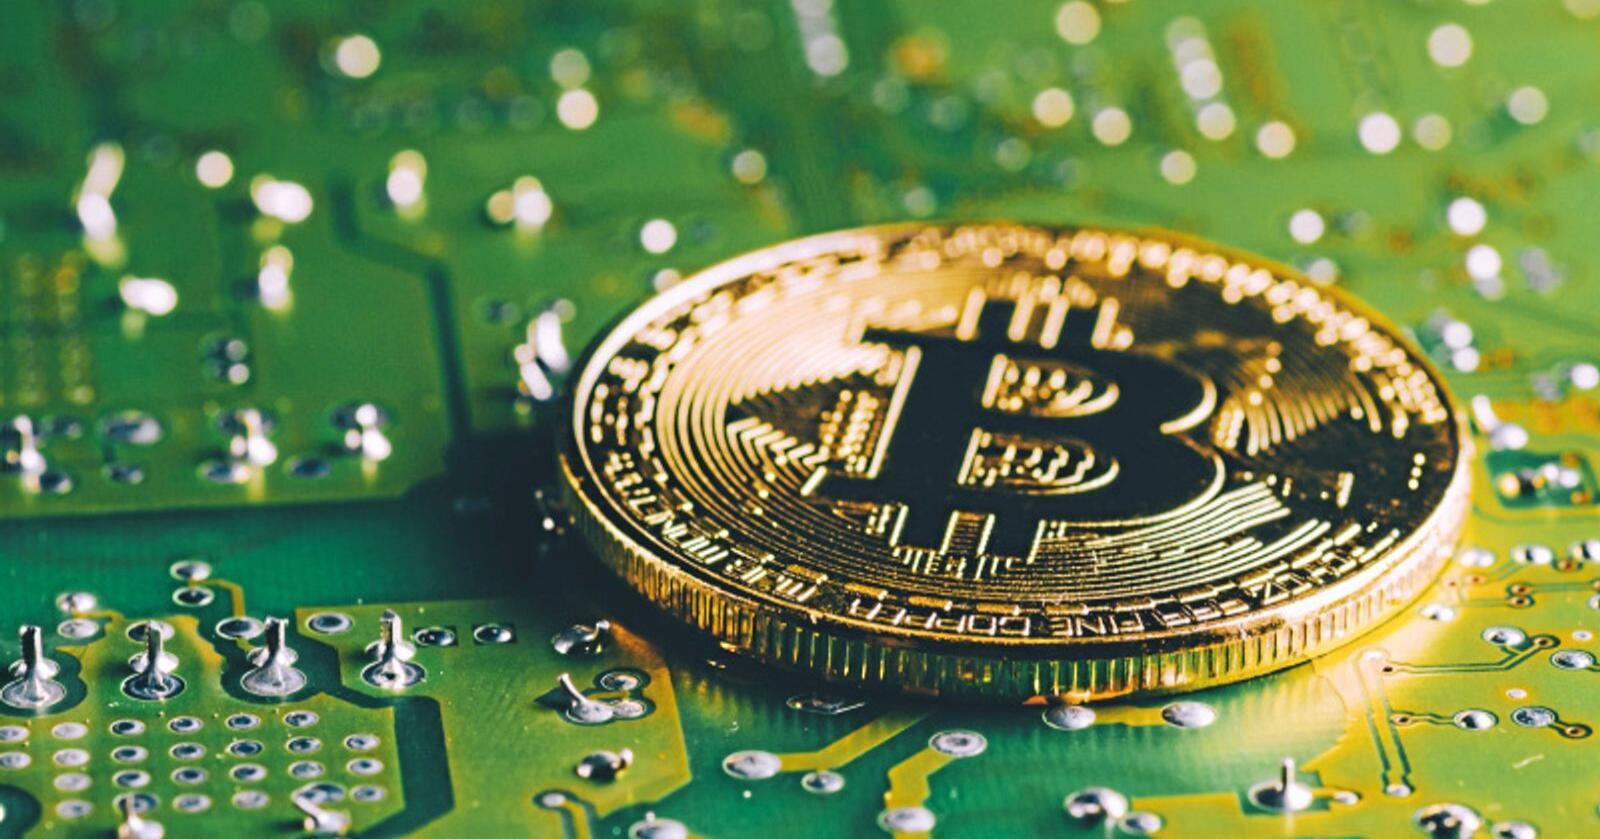 Bitcoin er ein radikal idé som truar den etablerte finansverda ved å bryta ned monopol og oligarki og gi alle folk i verda tilgang til eit finansielt system utan å måtta spørja nokon. Foto: Mostphotos